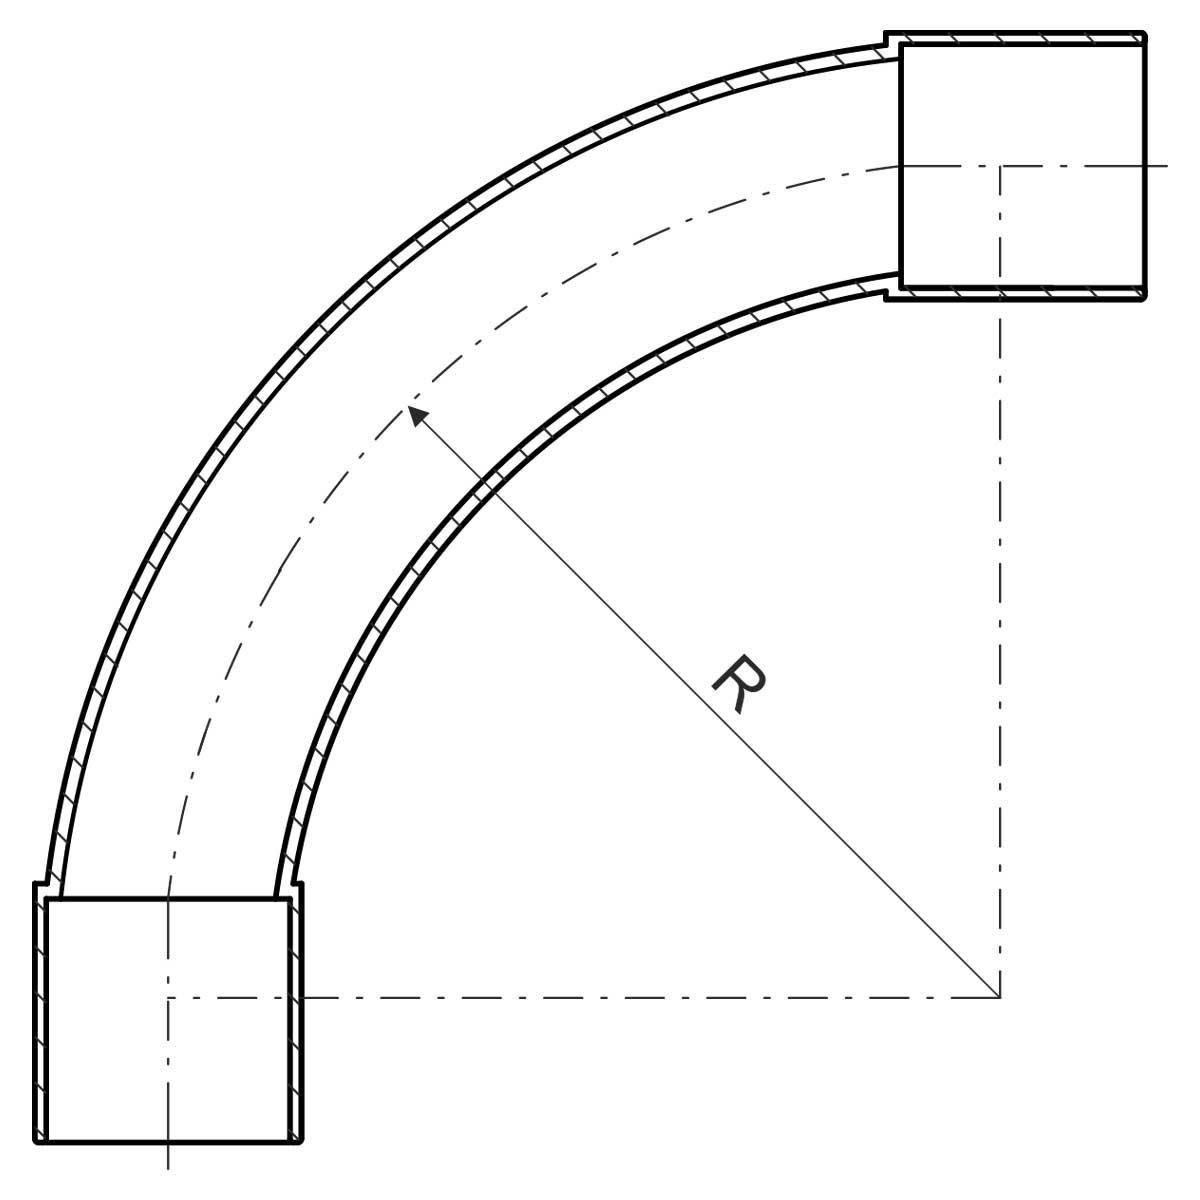 Коліно для труби 32 мм; Ø32мм; РС; безгалогенне; t застосування -45+90 °с; світло-сіре;